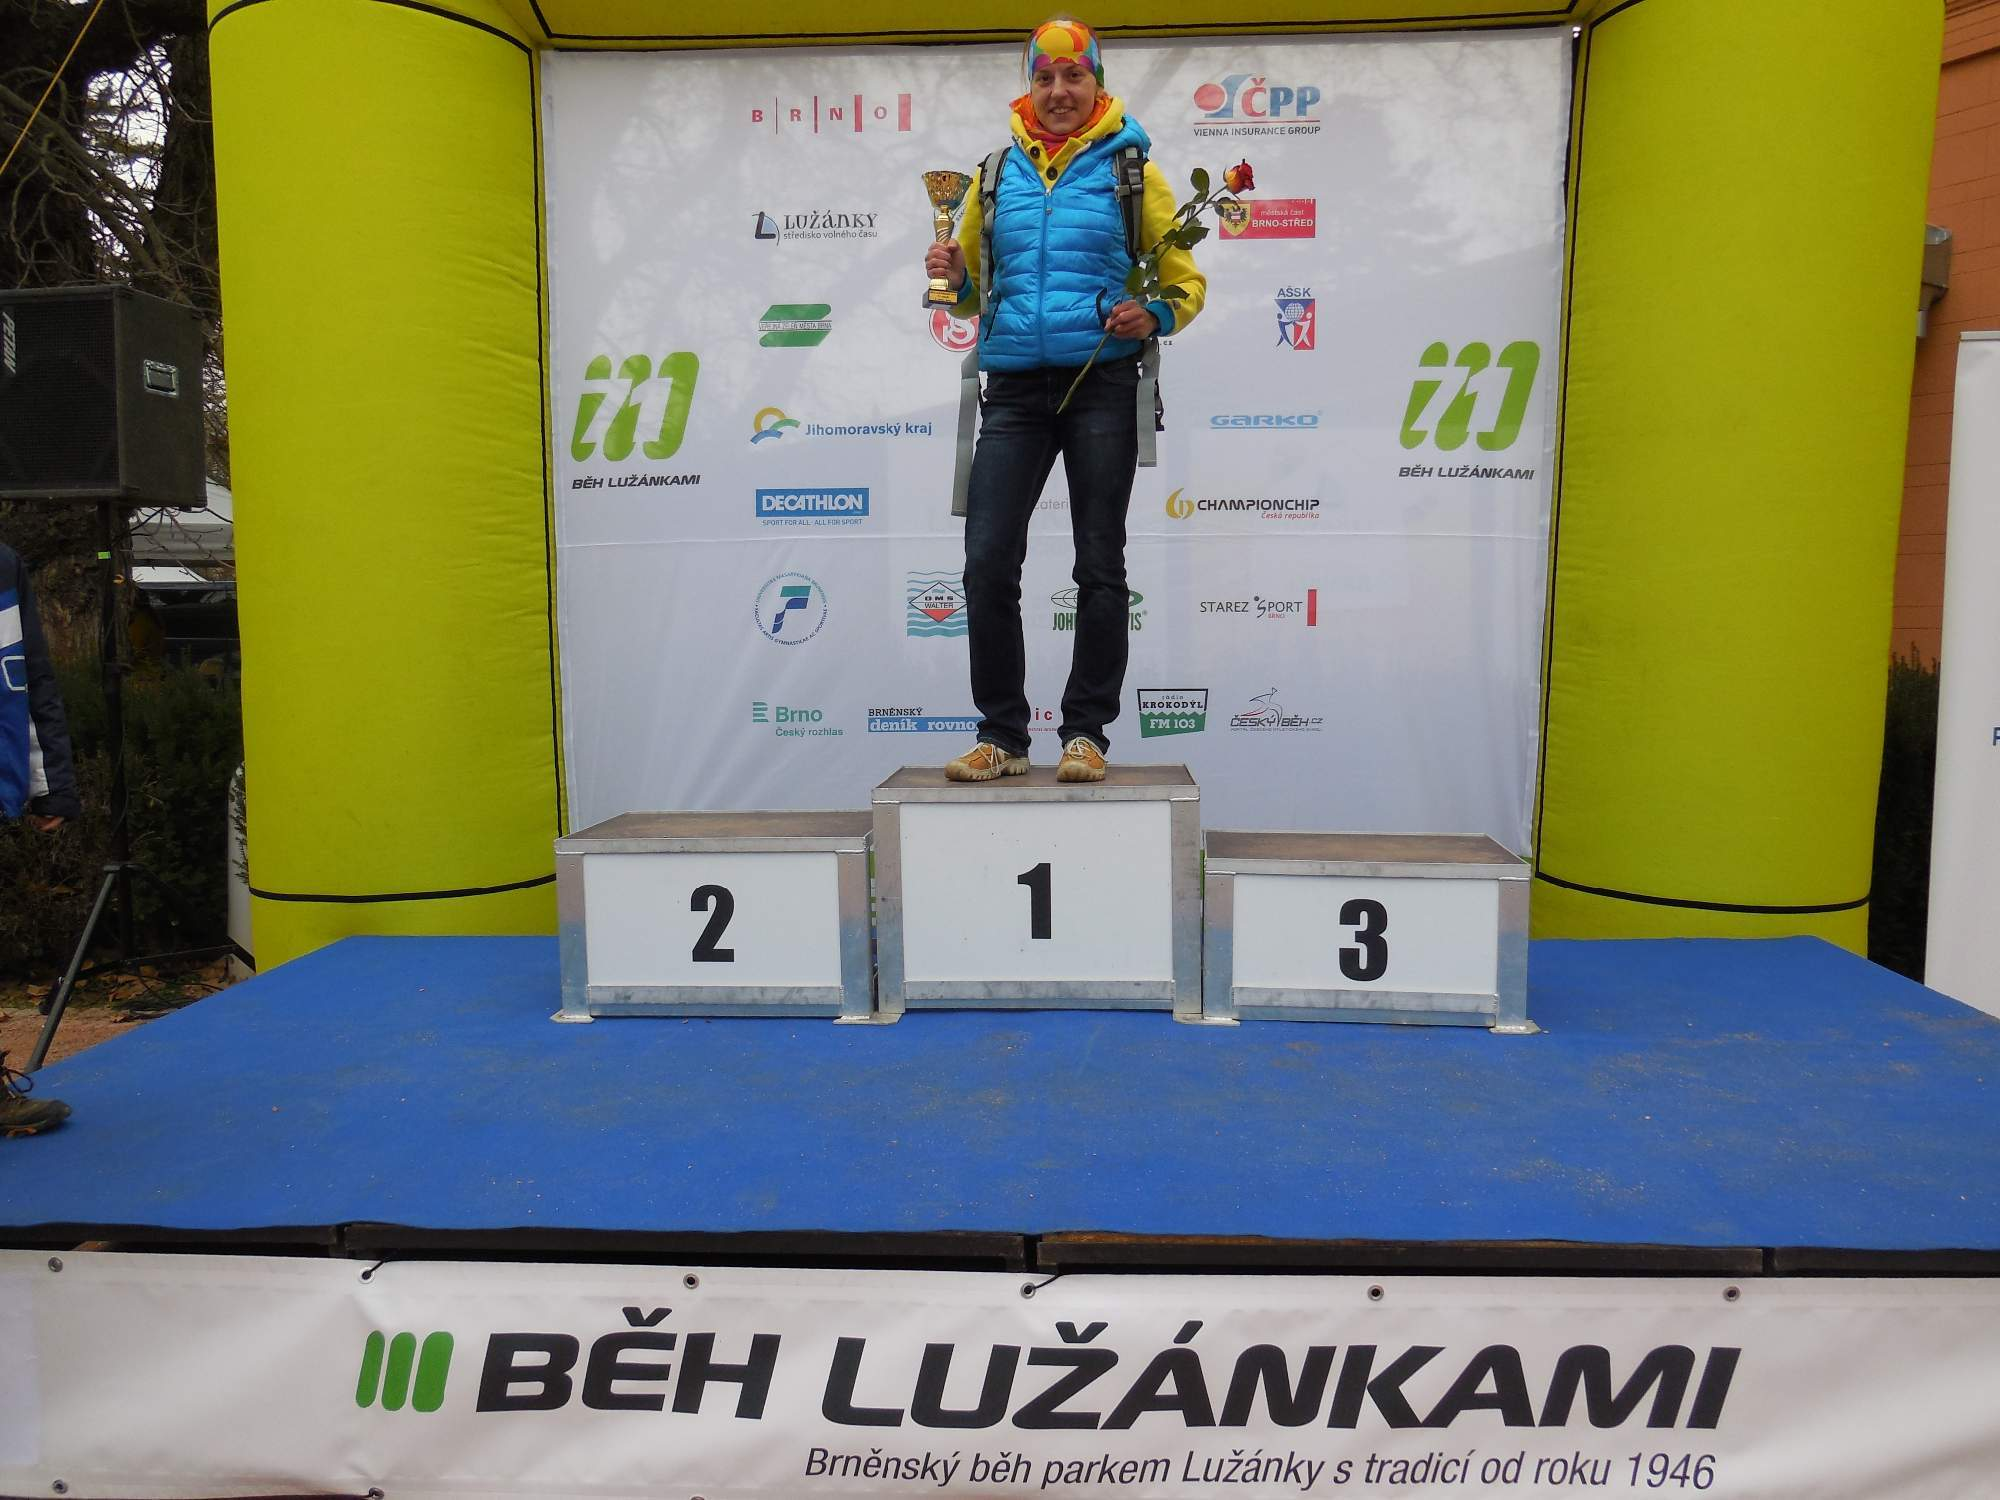 Eva Filipiová pózuje s pohárem pro vítěze (Foto: Markéta Weinlichová)